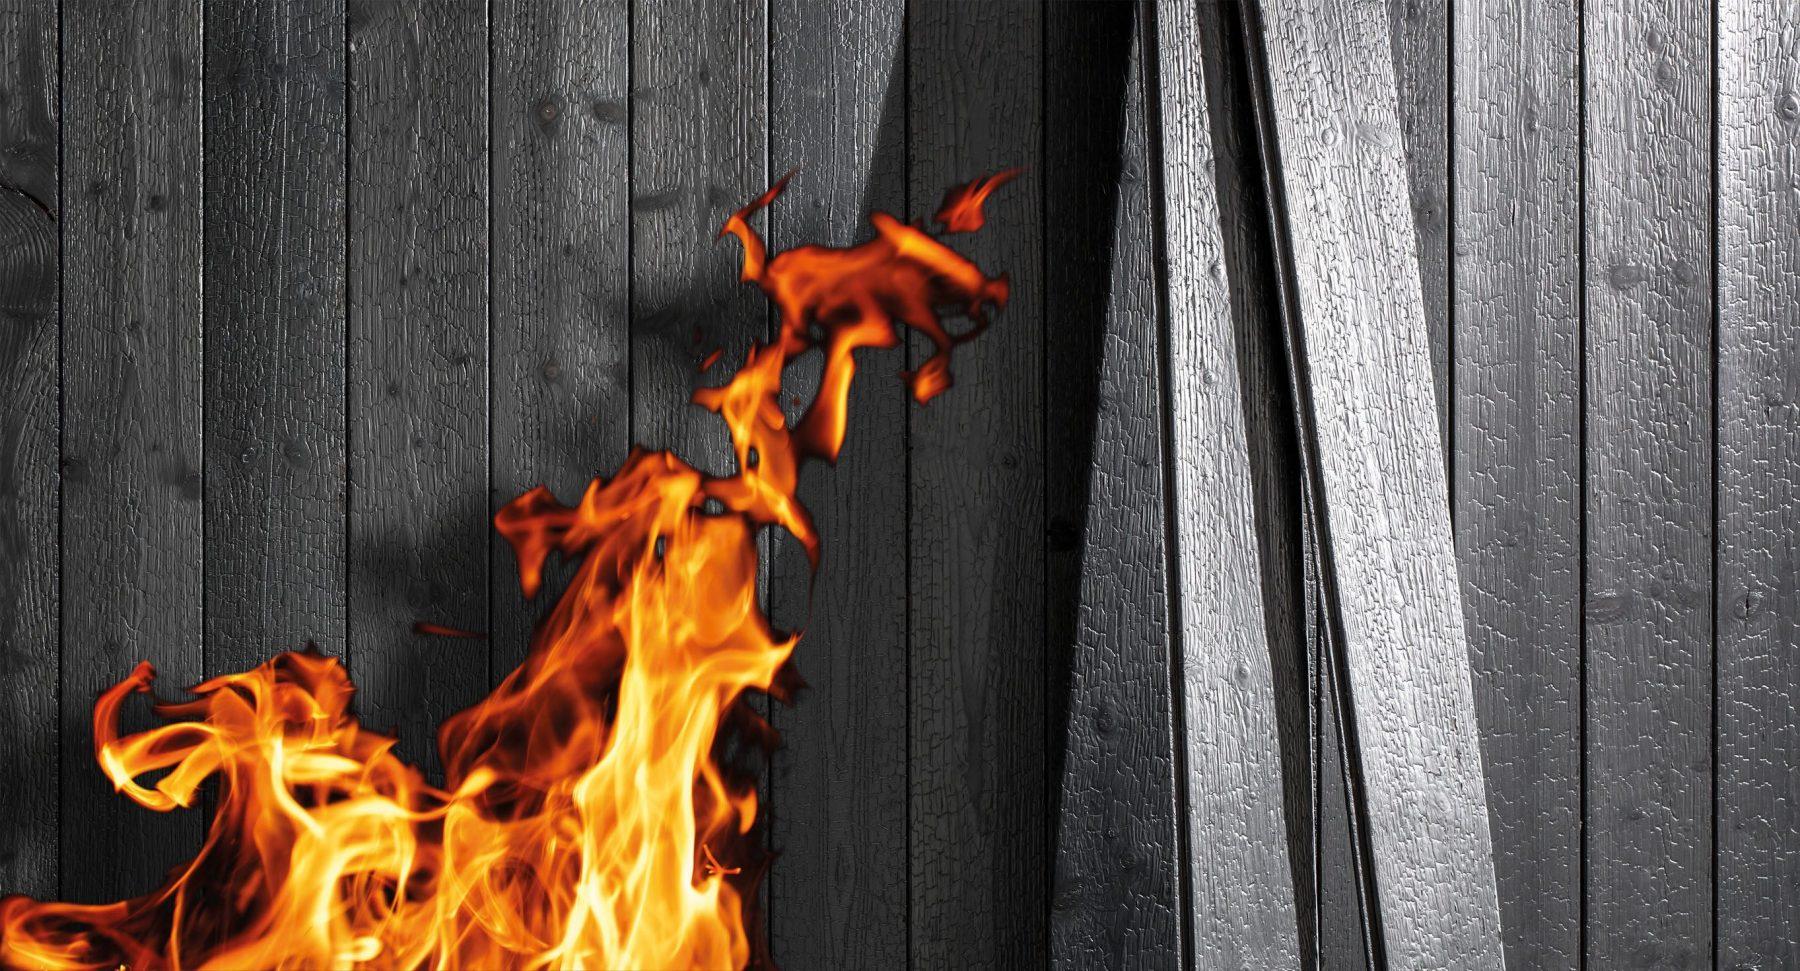 Überraschende Entdeckung: Holz und Feuer harmonisieren prächtig. Foto: Mocopinus